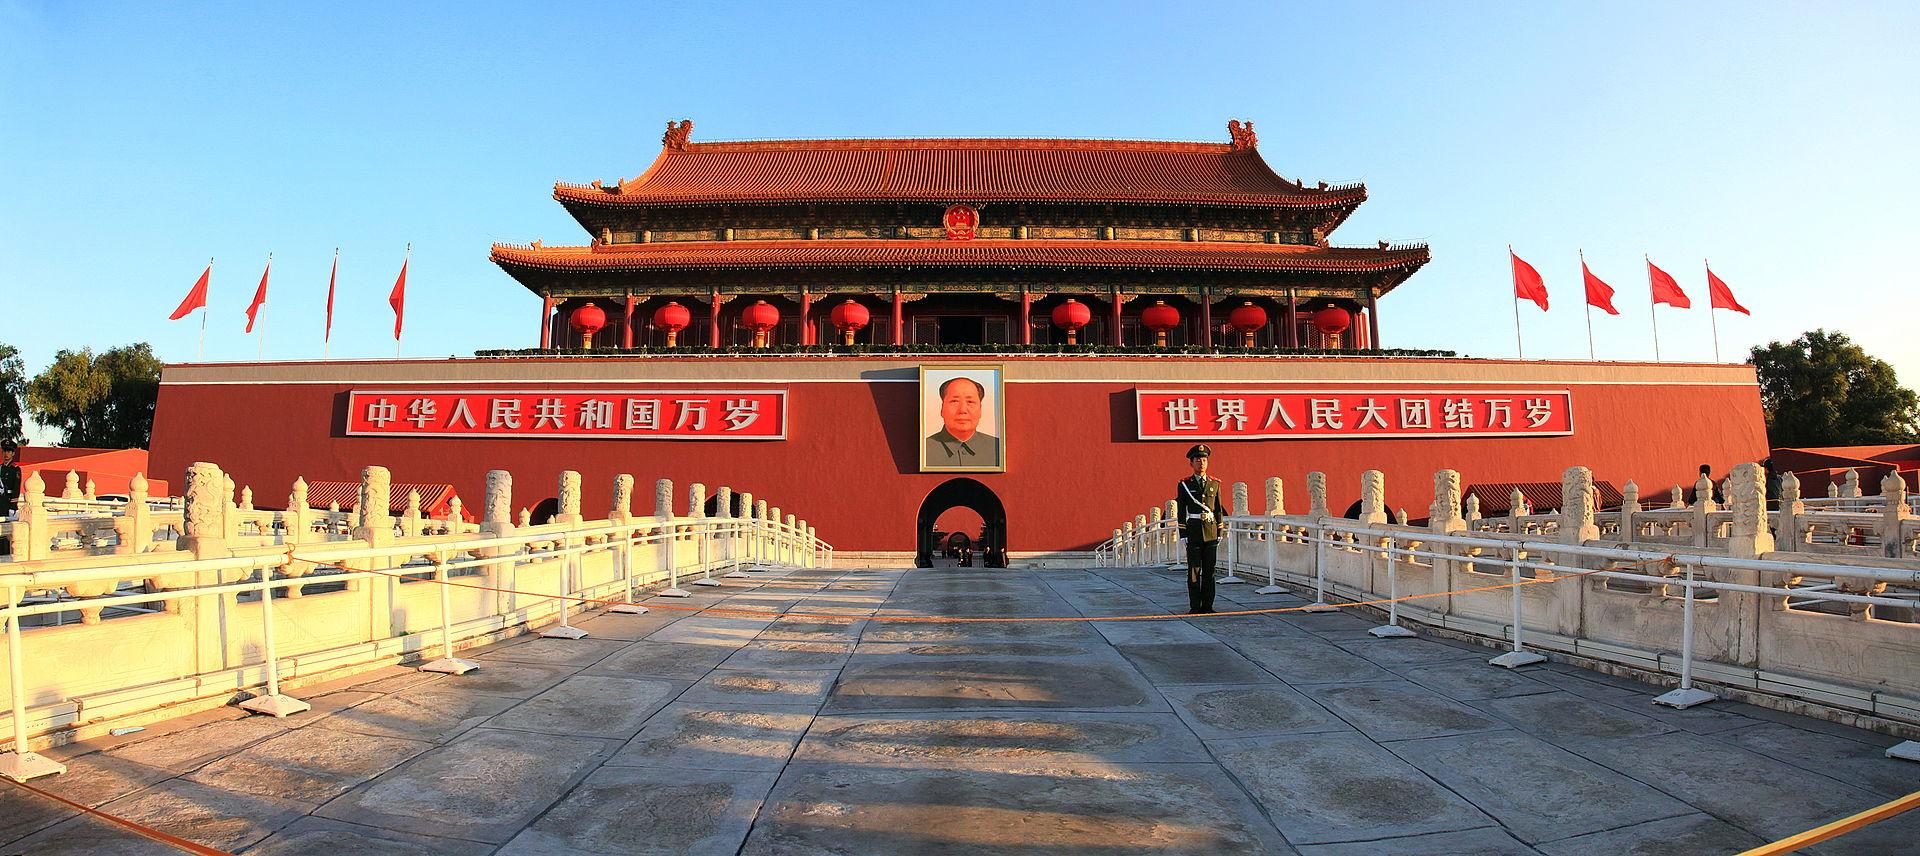 Conocido también como la Ciudad Prohibida, este palacio es el grupo de edificaciones antiguas de mayor dimensión y mejor conservadas del mundo. Situado en el casco urbano de Beijing, su construcción empezó en 1406 y fue el palacio imperial en las dinastías Ming y Qing, desde donde 24 emperadores ejercieron sus mandatos.